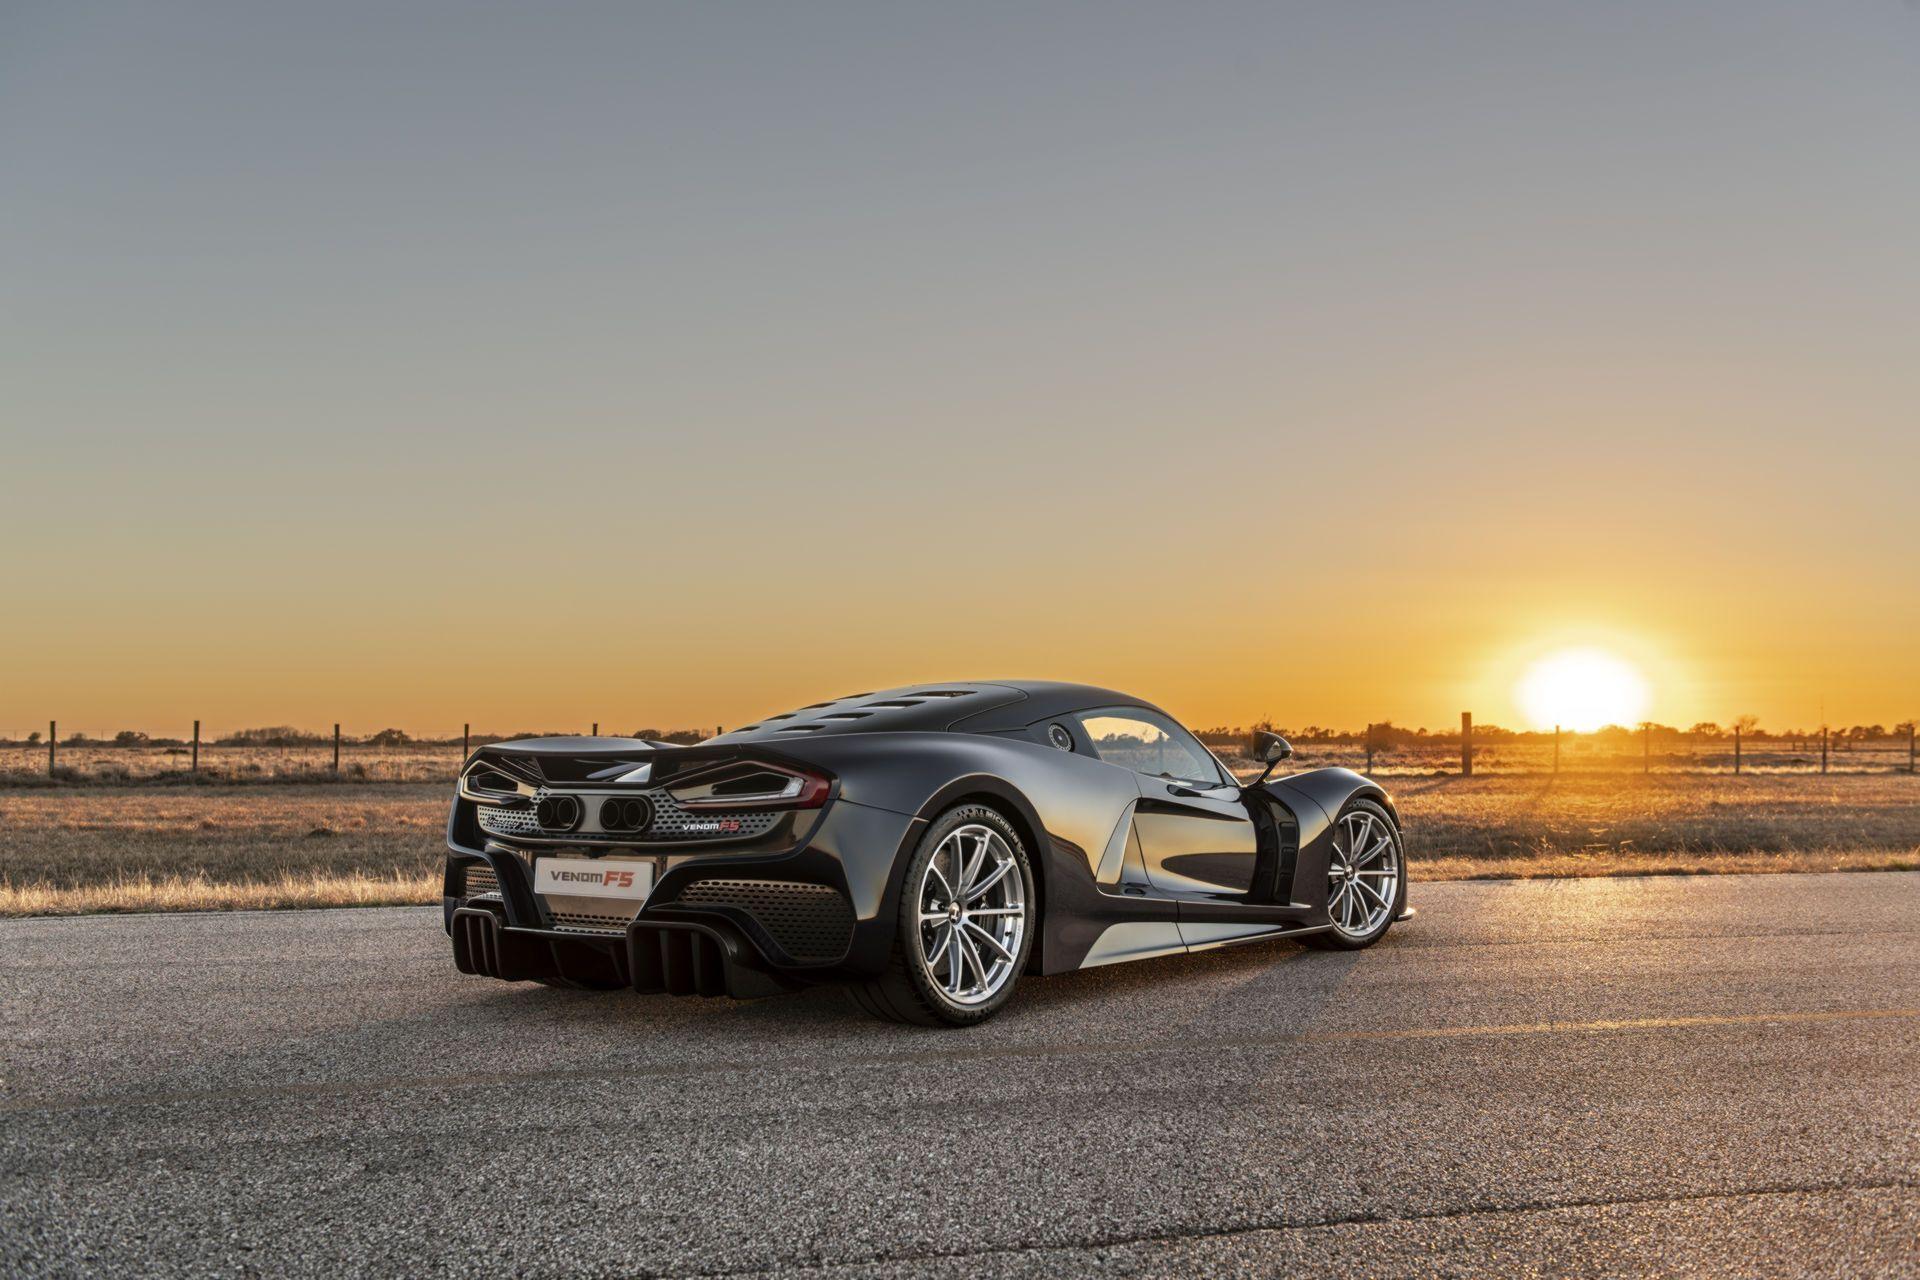 Hennessey Venom F5 претендует на звание самого быстрого автомобиля в мире